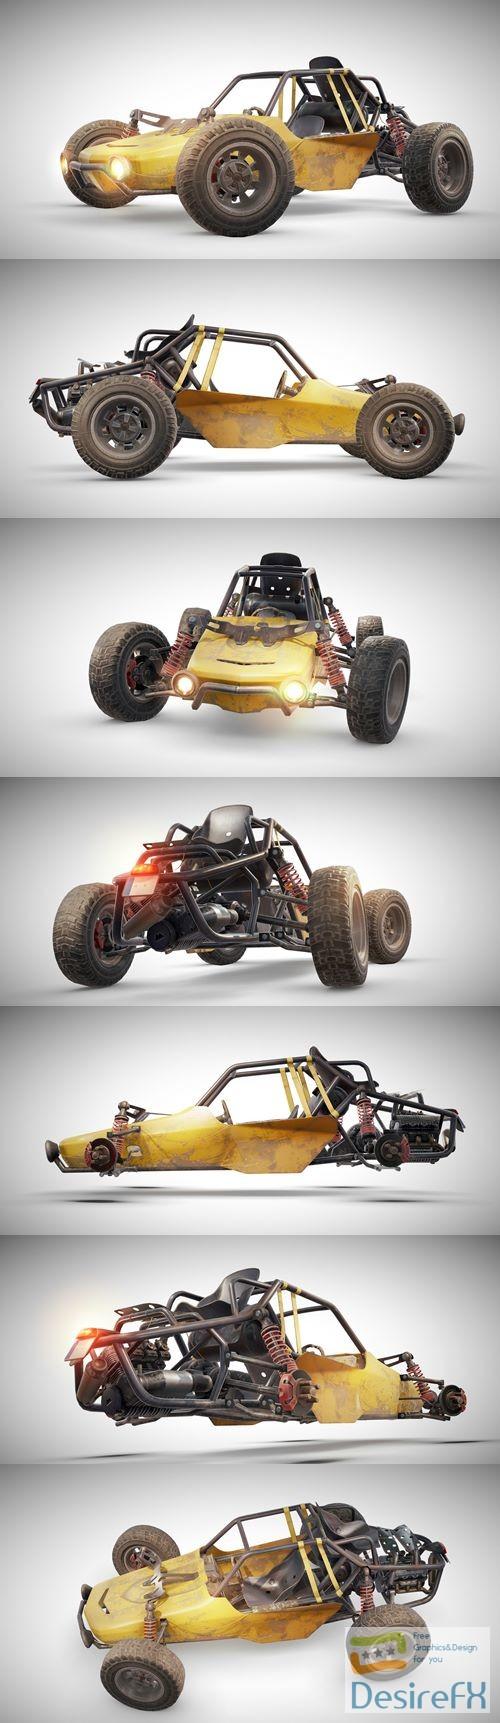 3d-models - PUBG Buggy 3D Model